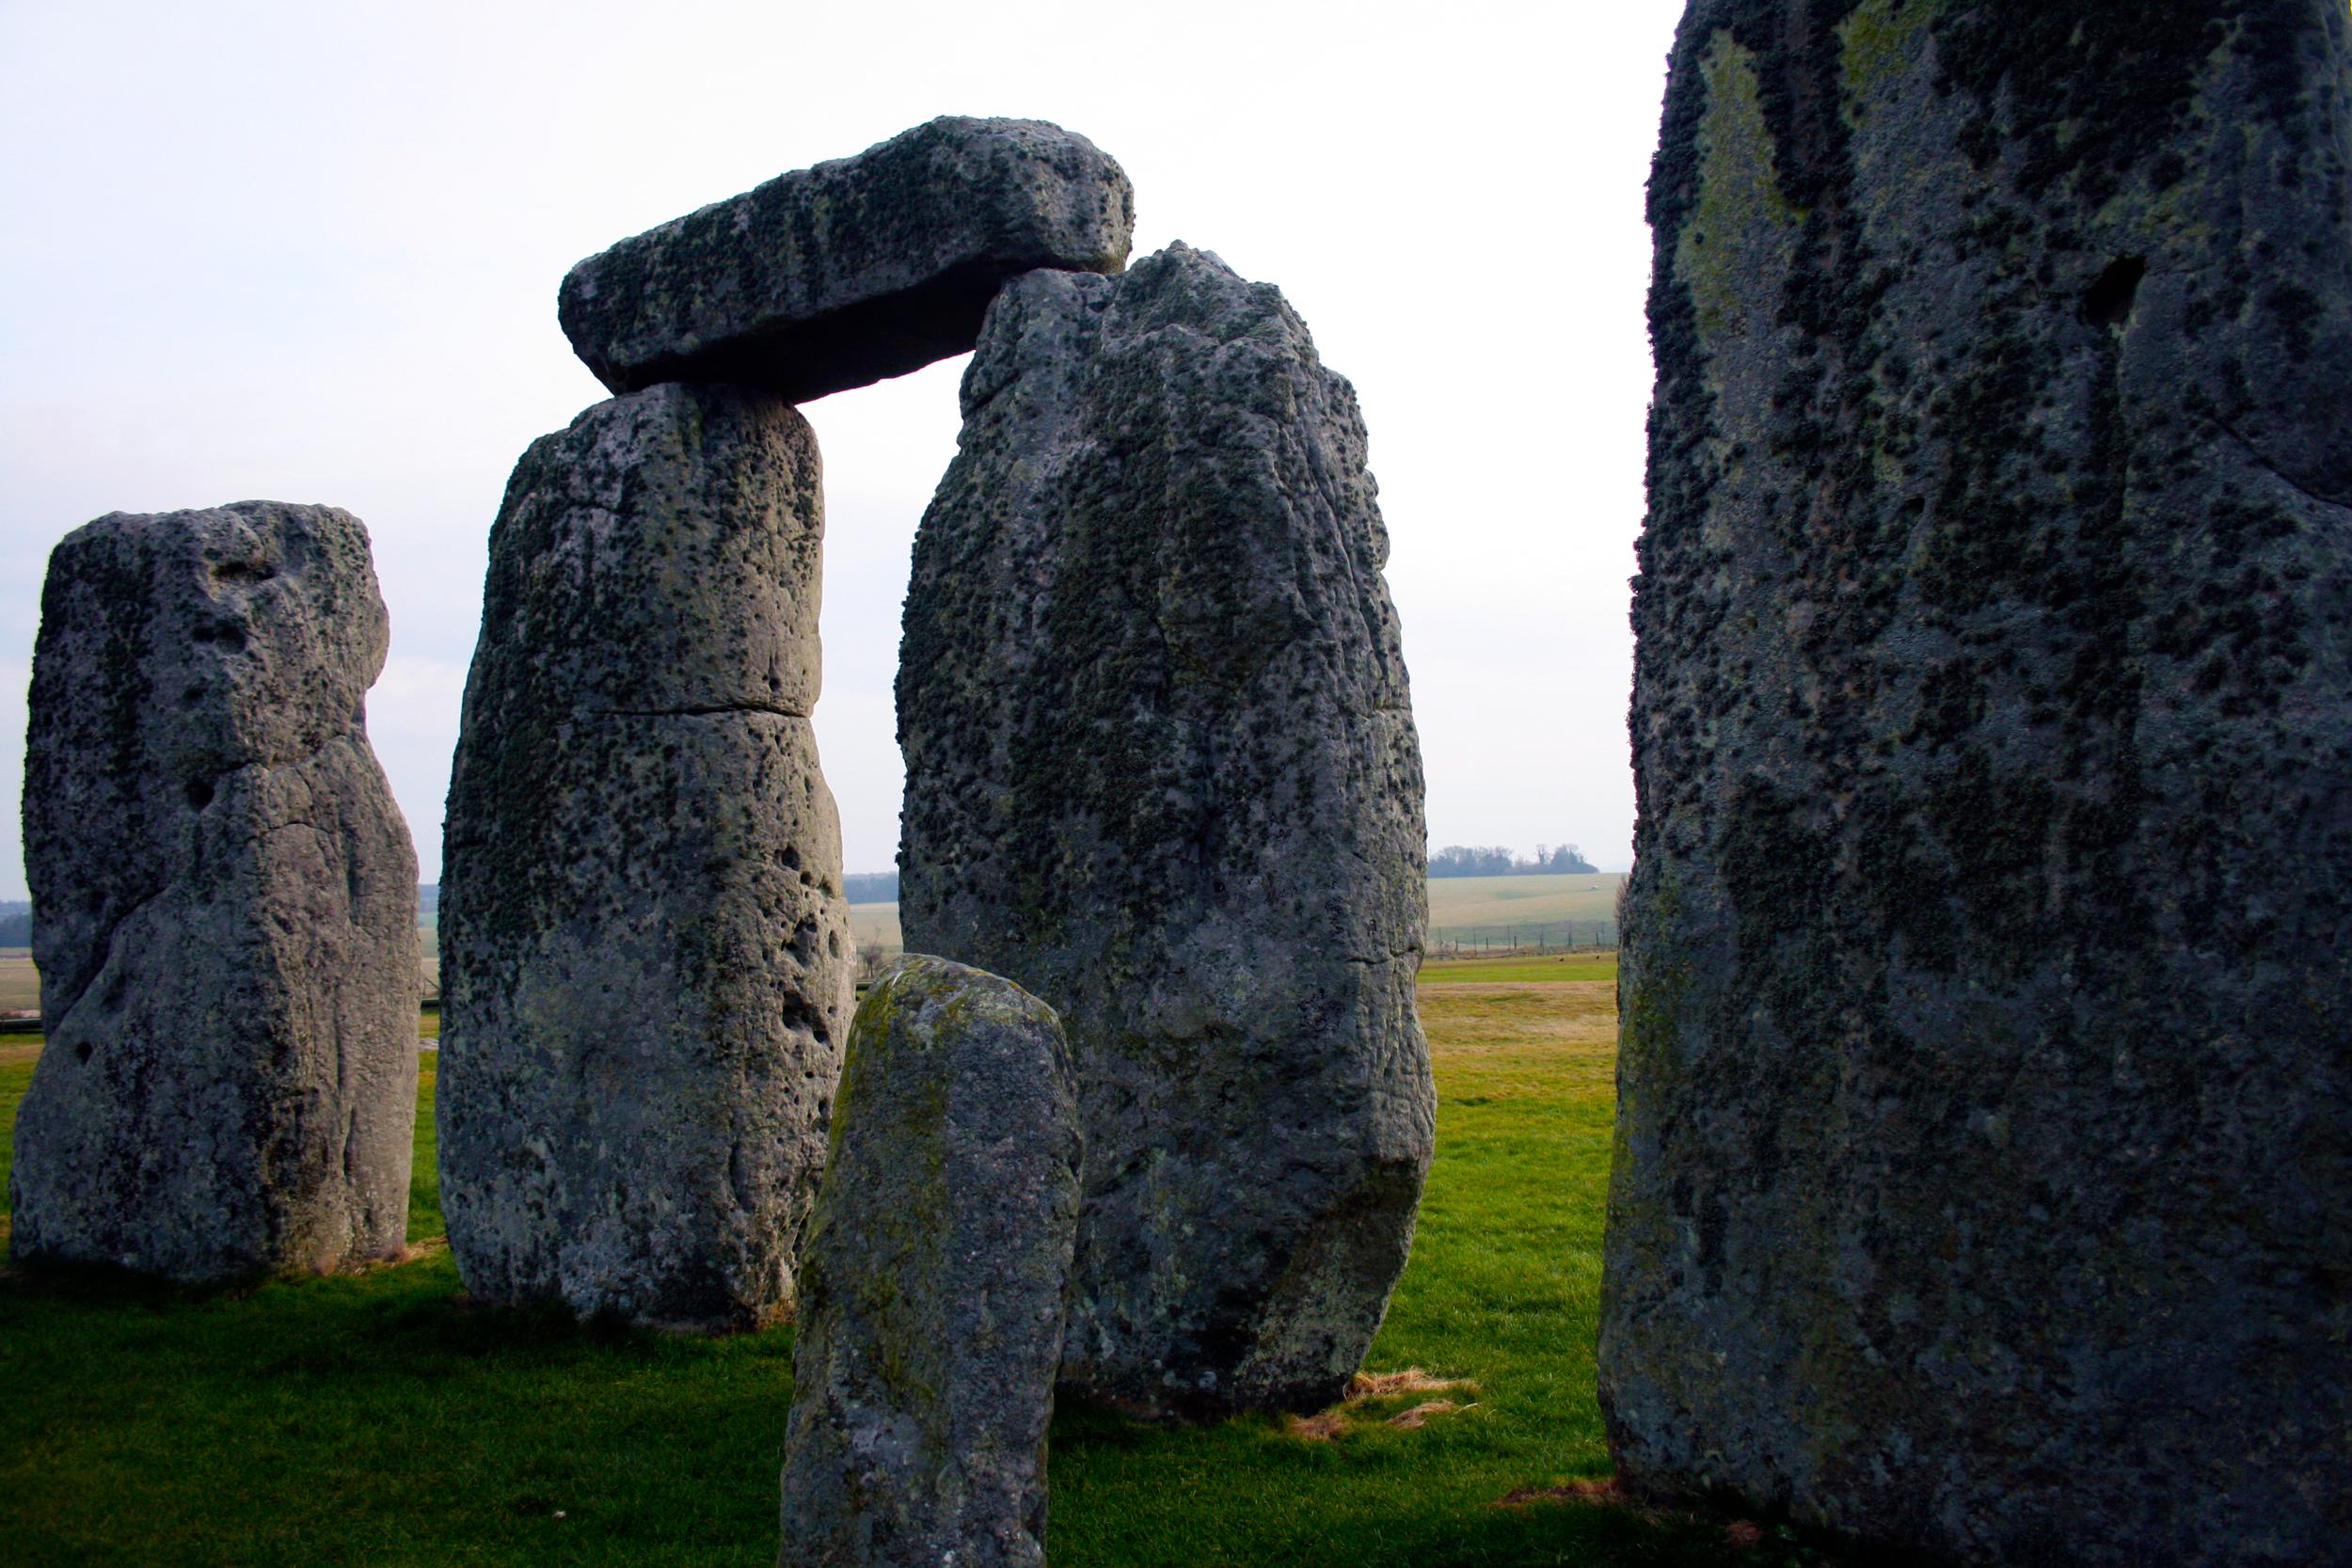 ©Jennifer Bailey 2010 Stonehenge, Wiltshire, England